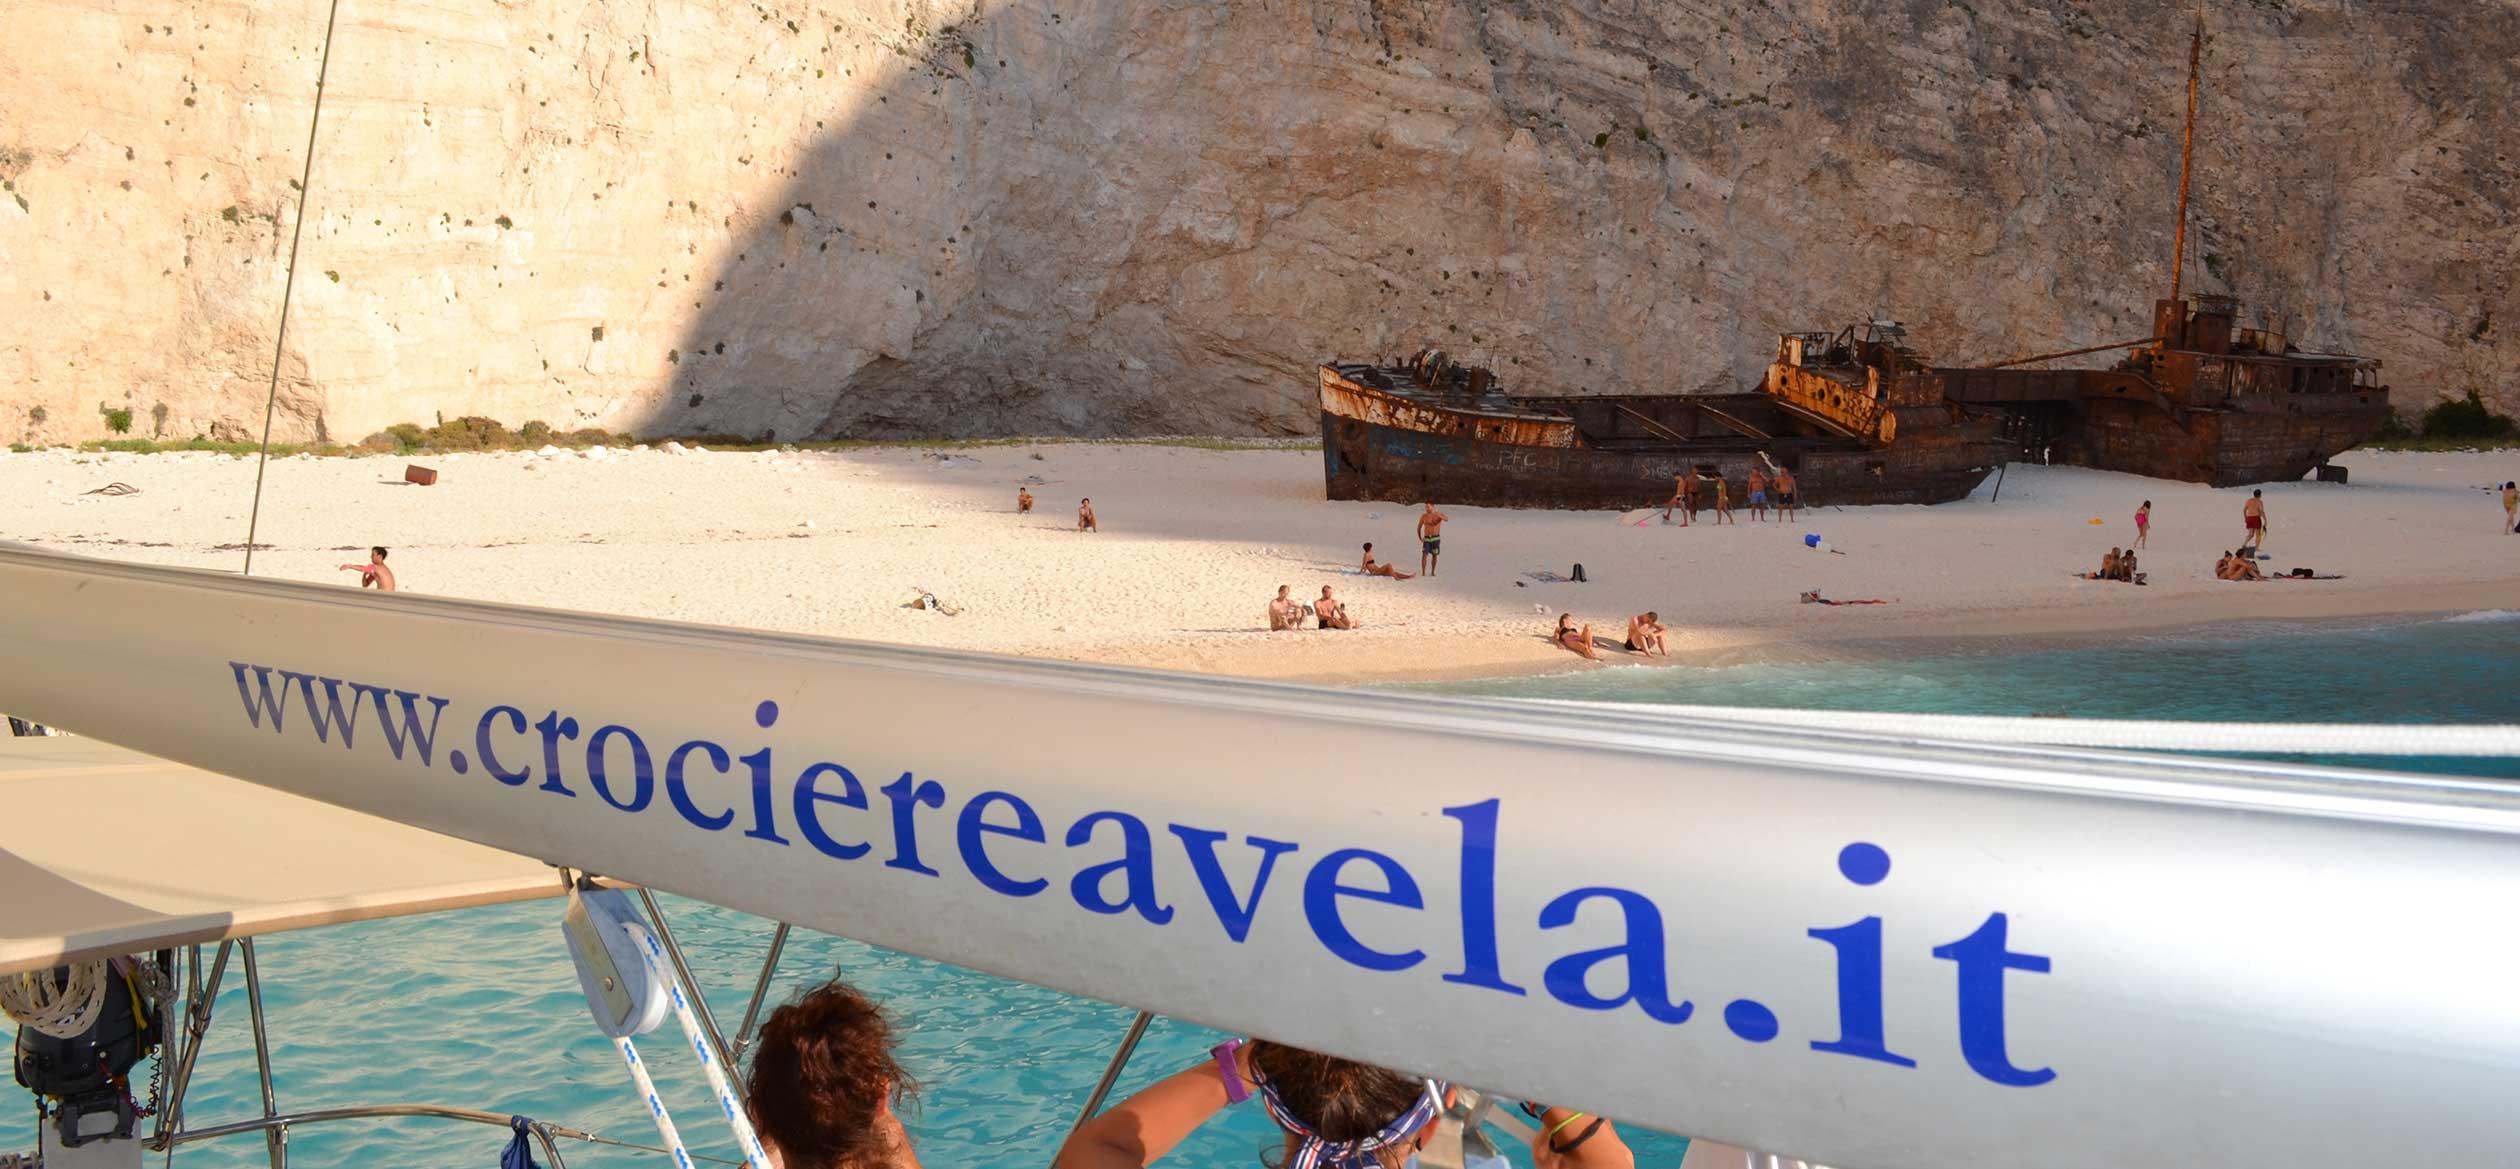 Grecia ionica Crociere in barca a vela